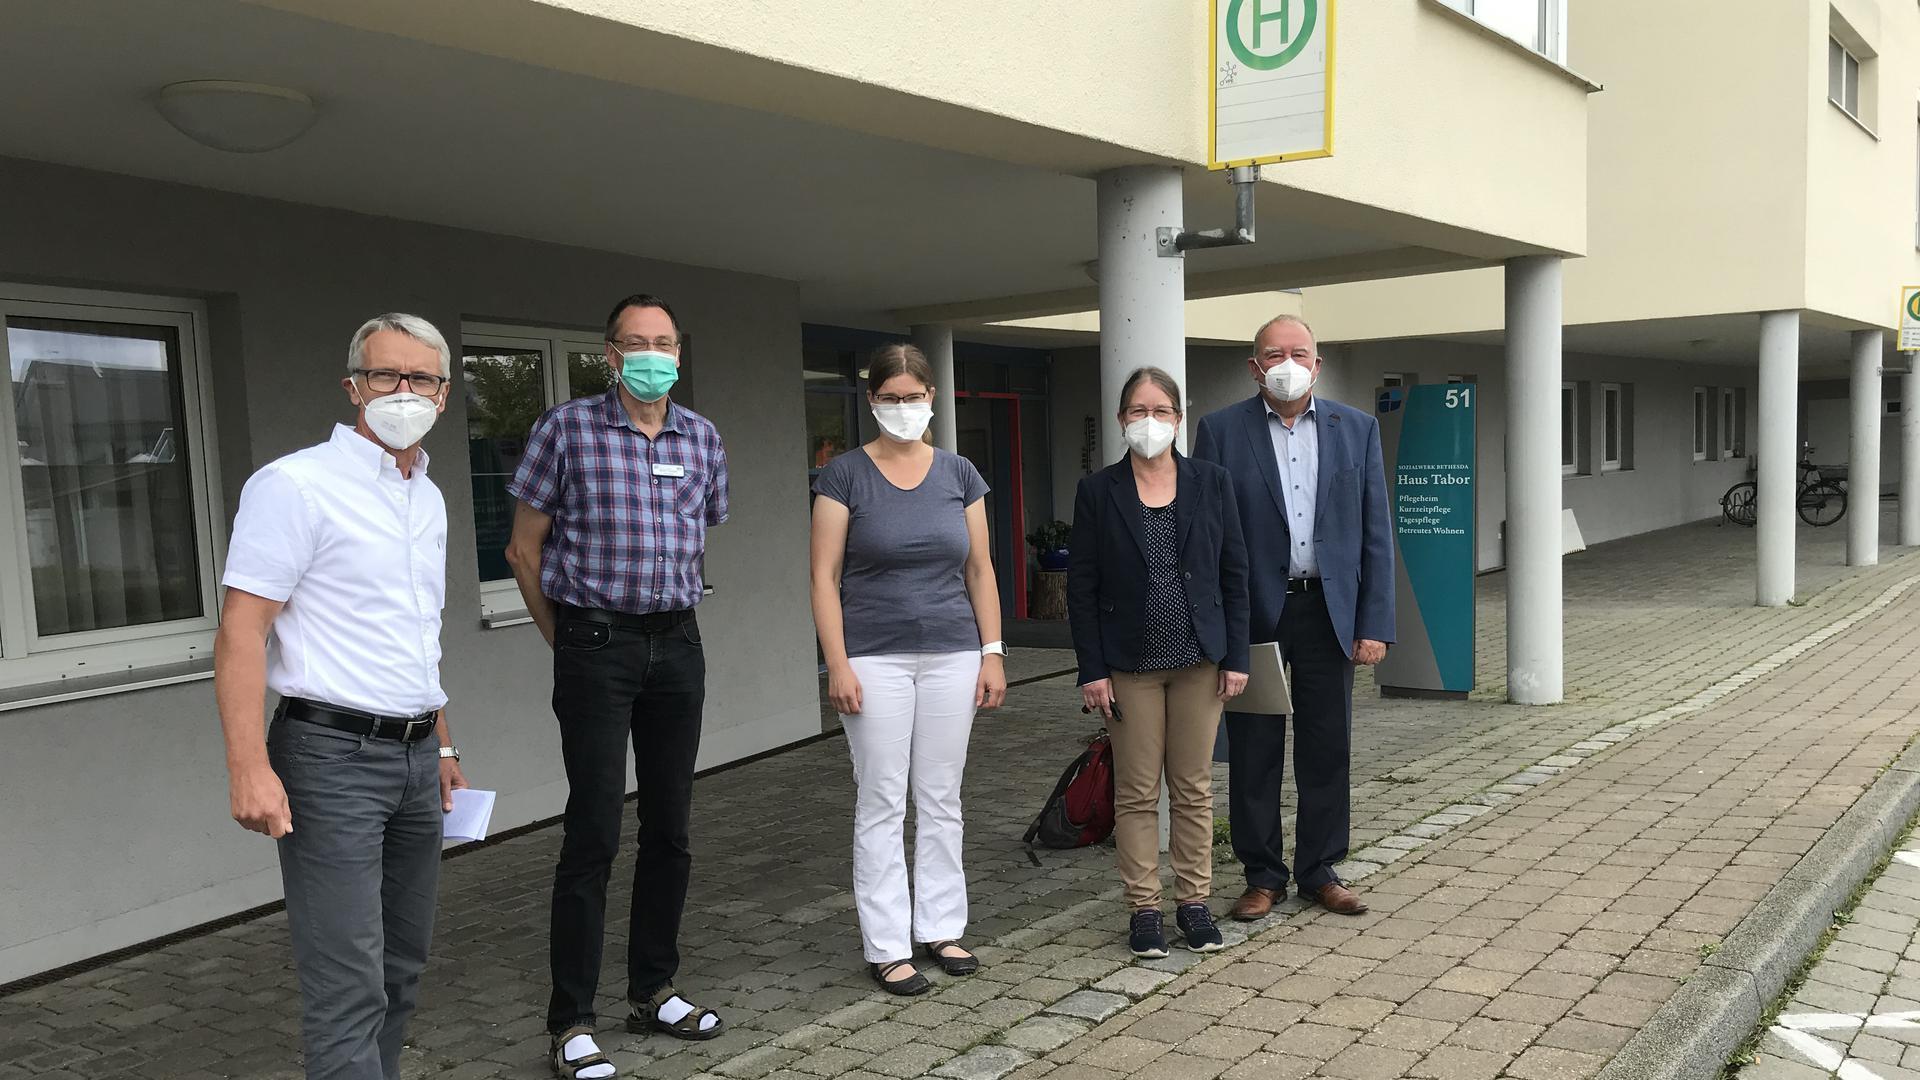 Endstation Covid: Till Neugbauer (von links), Martin Gnoyke, Christine Gorgs, Angelika Edwards und Fritz Becker riefen am Ort großen Corona-Leids zu Impfungen auf.